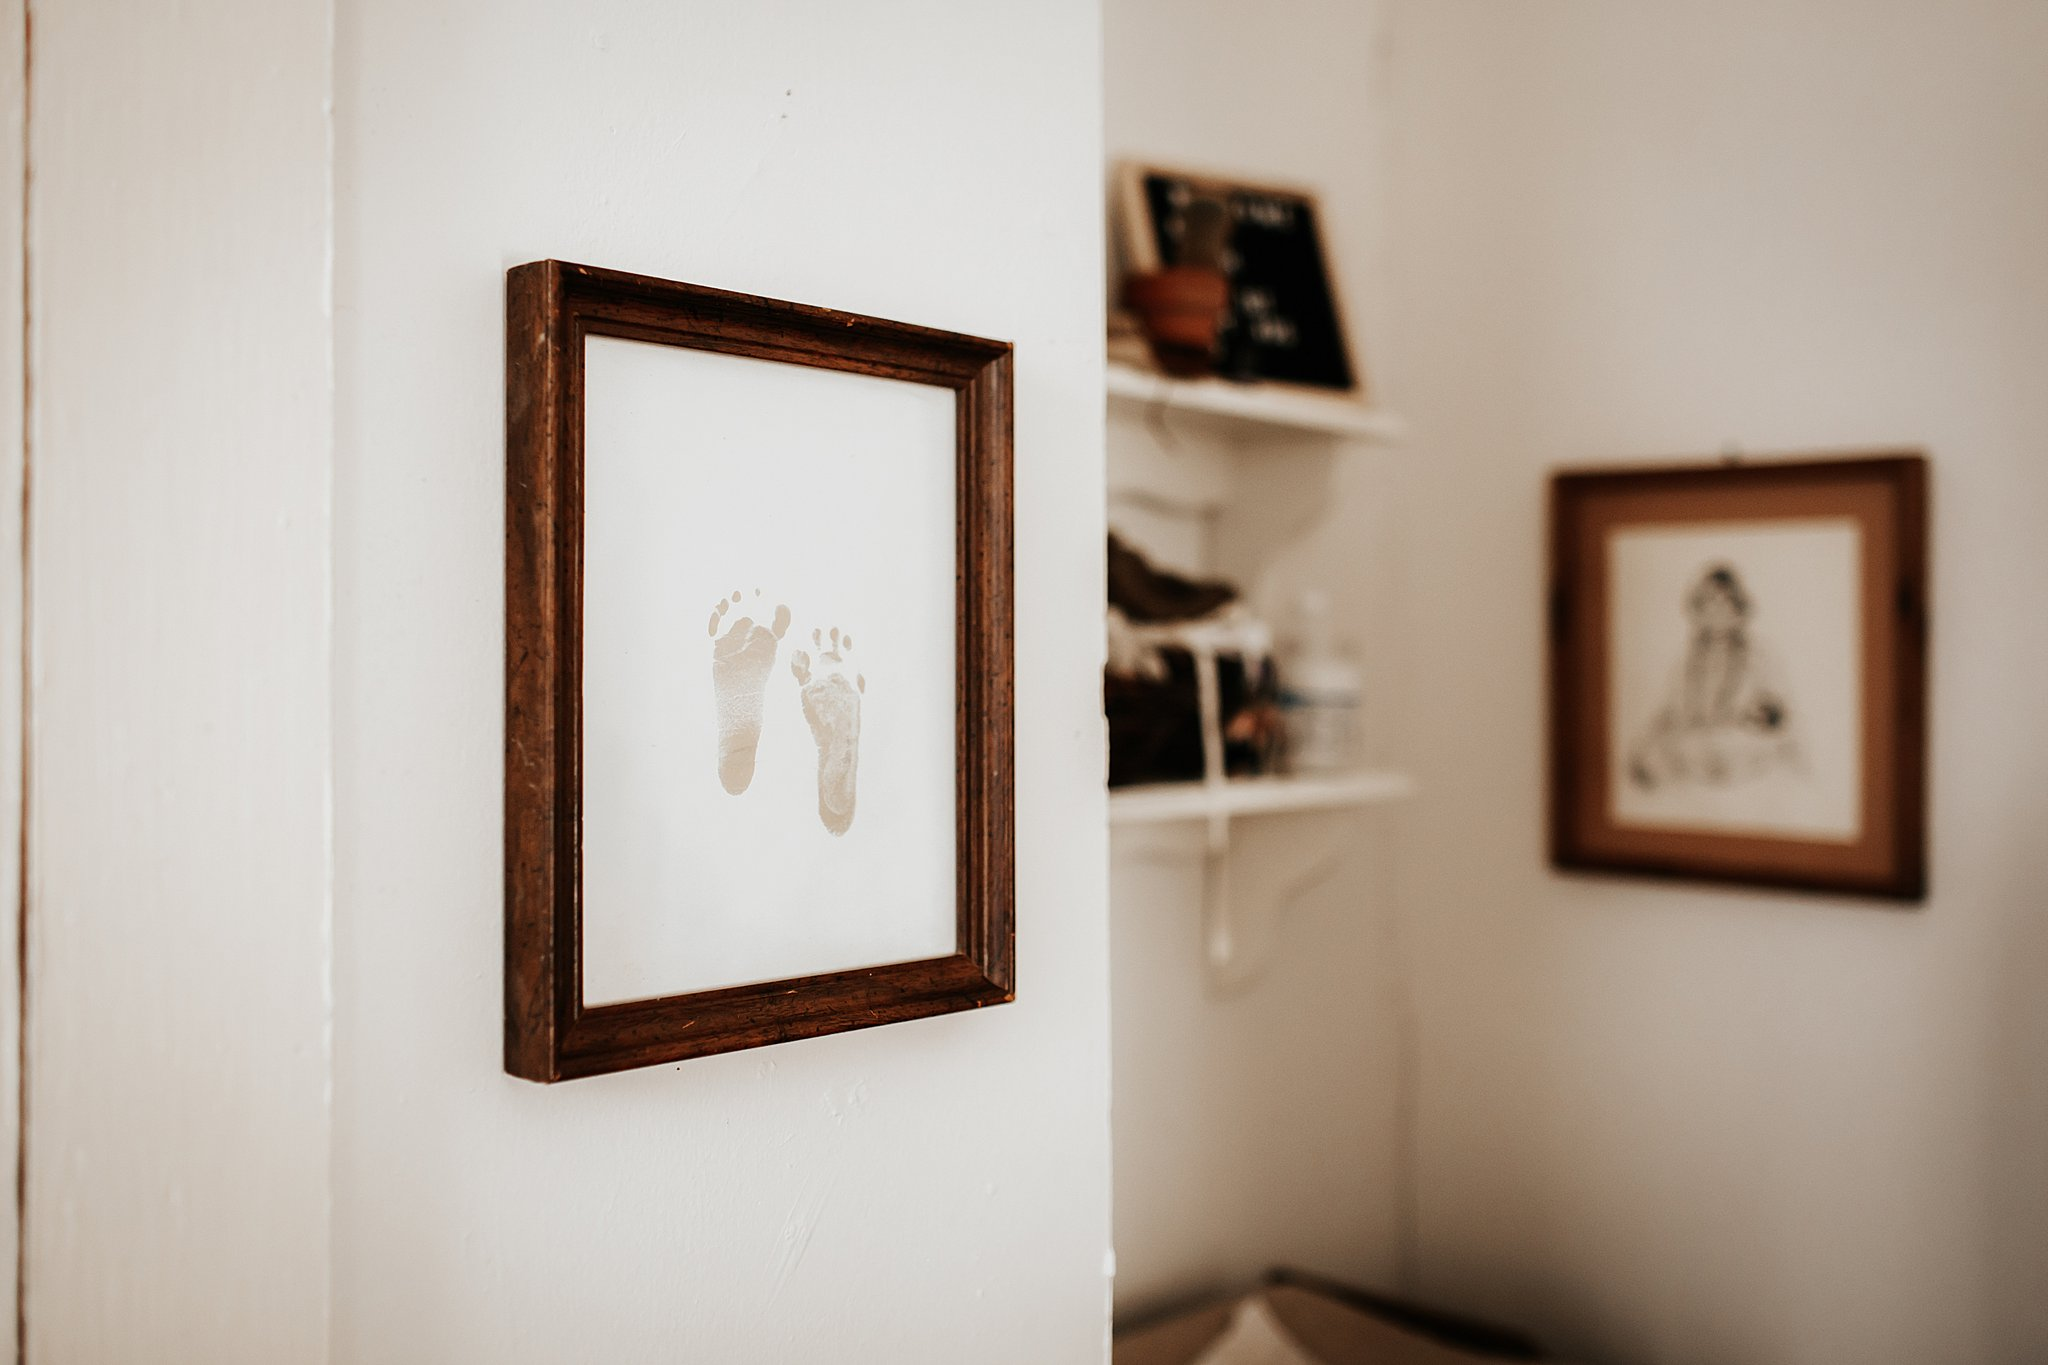 Kora-San-Antonio-Family-Photographer-2_WEB.jpg